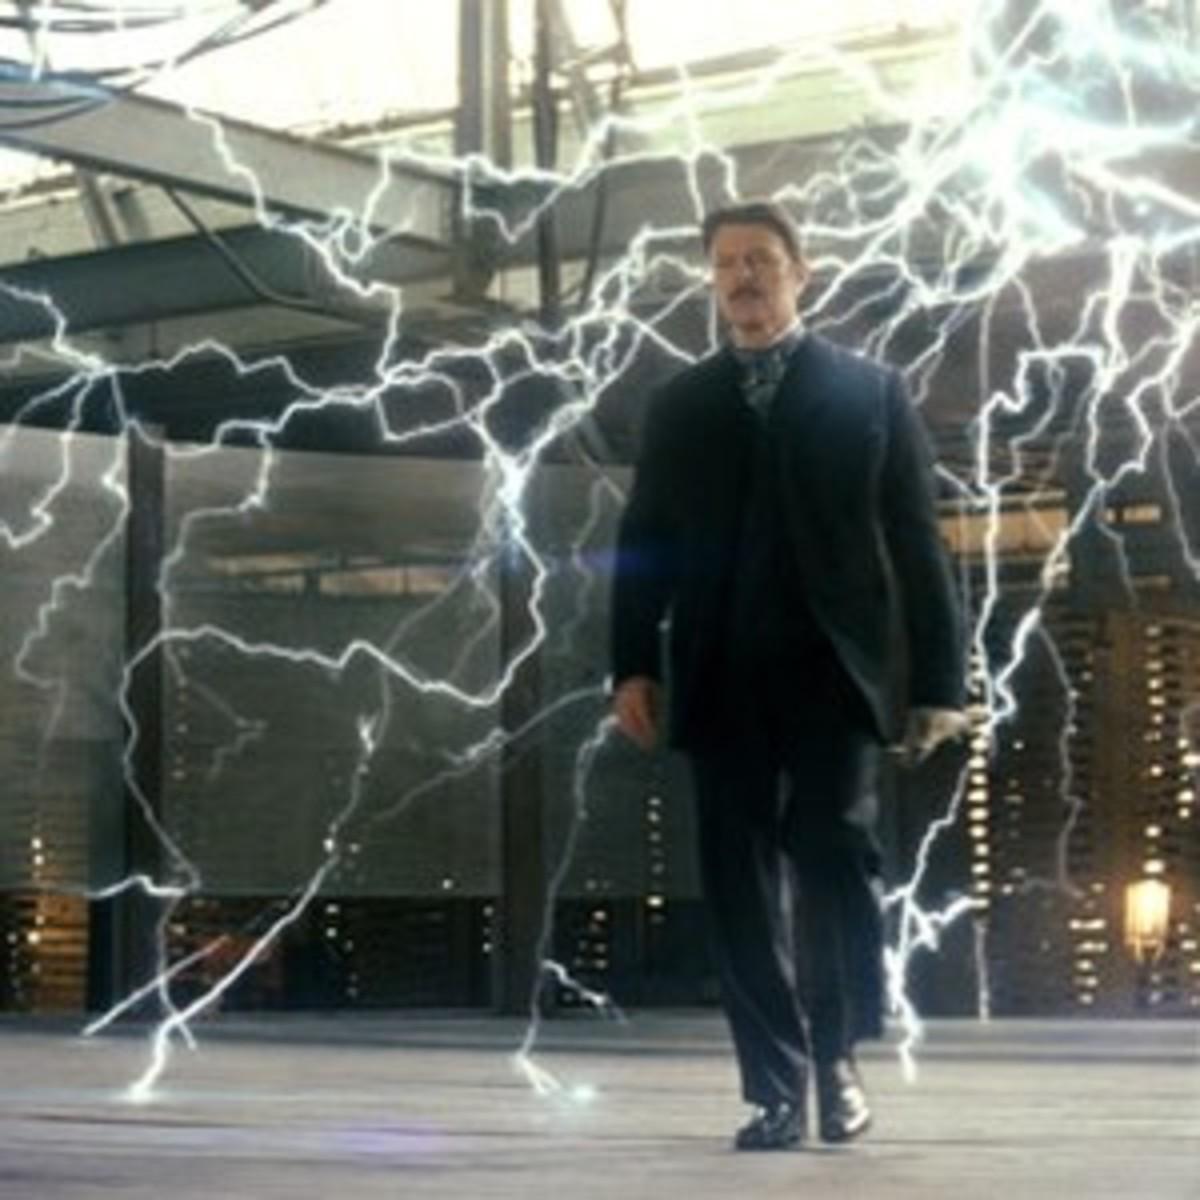 Nikola Tesla in The Prestige.